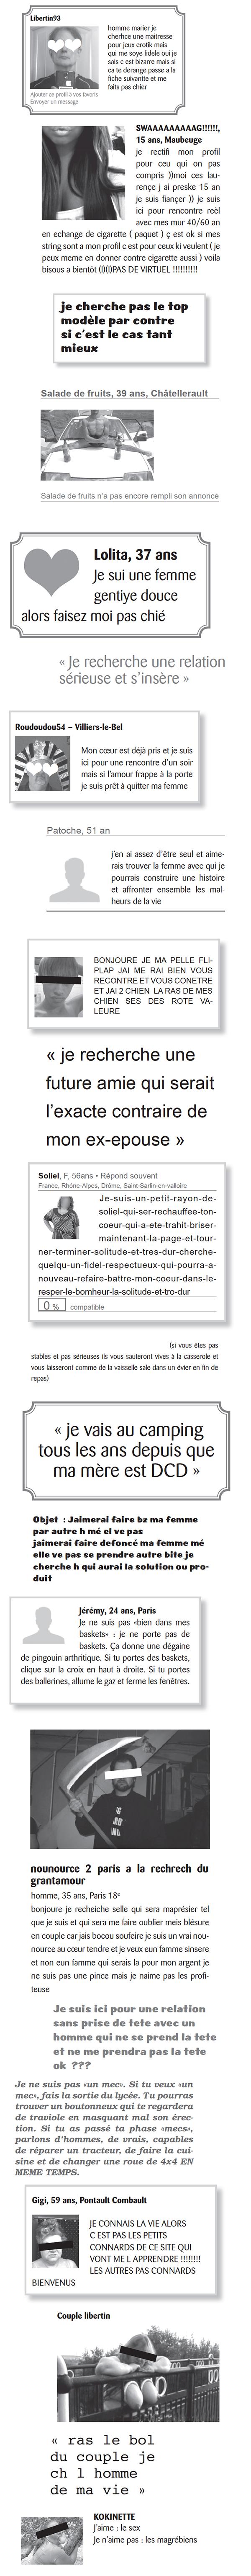 betisier_sites_de_rencontre_3944